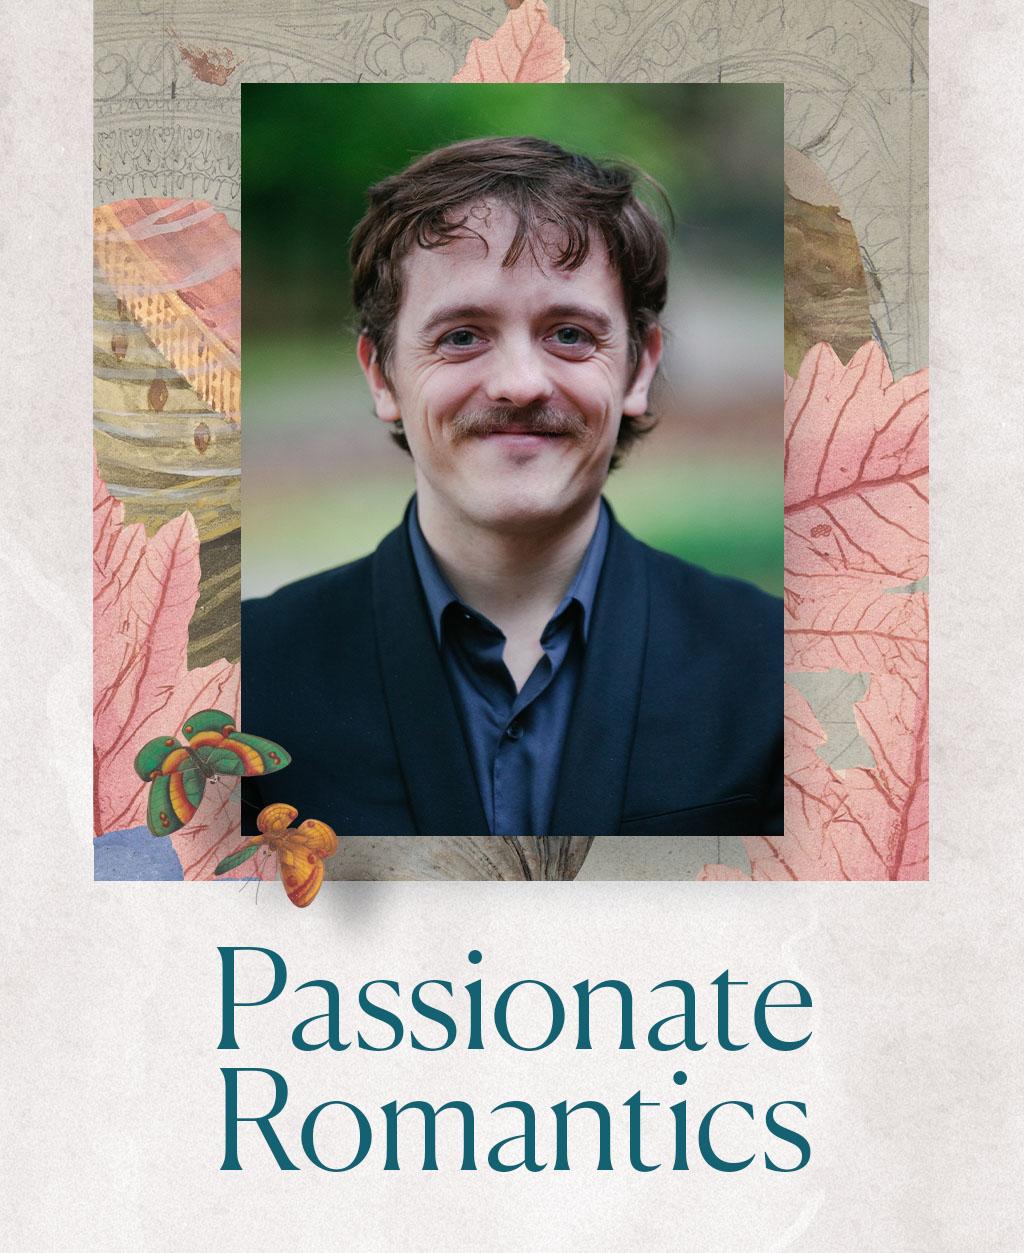 Passionate Romantics